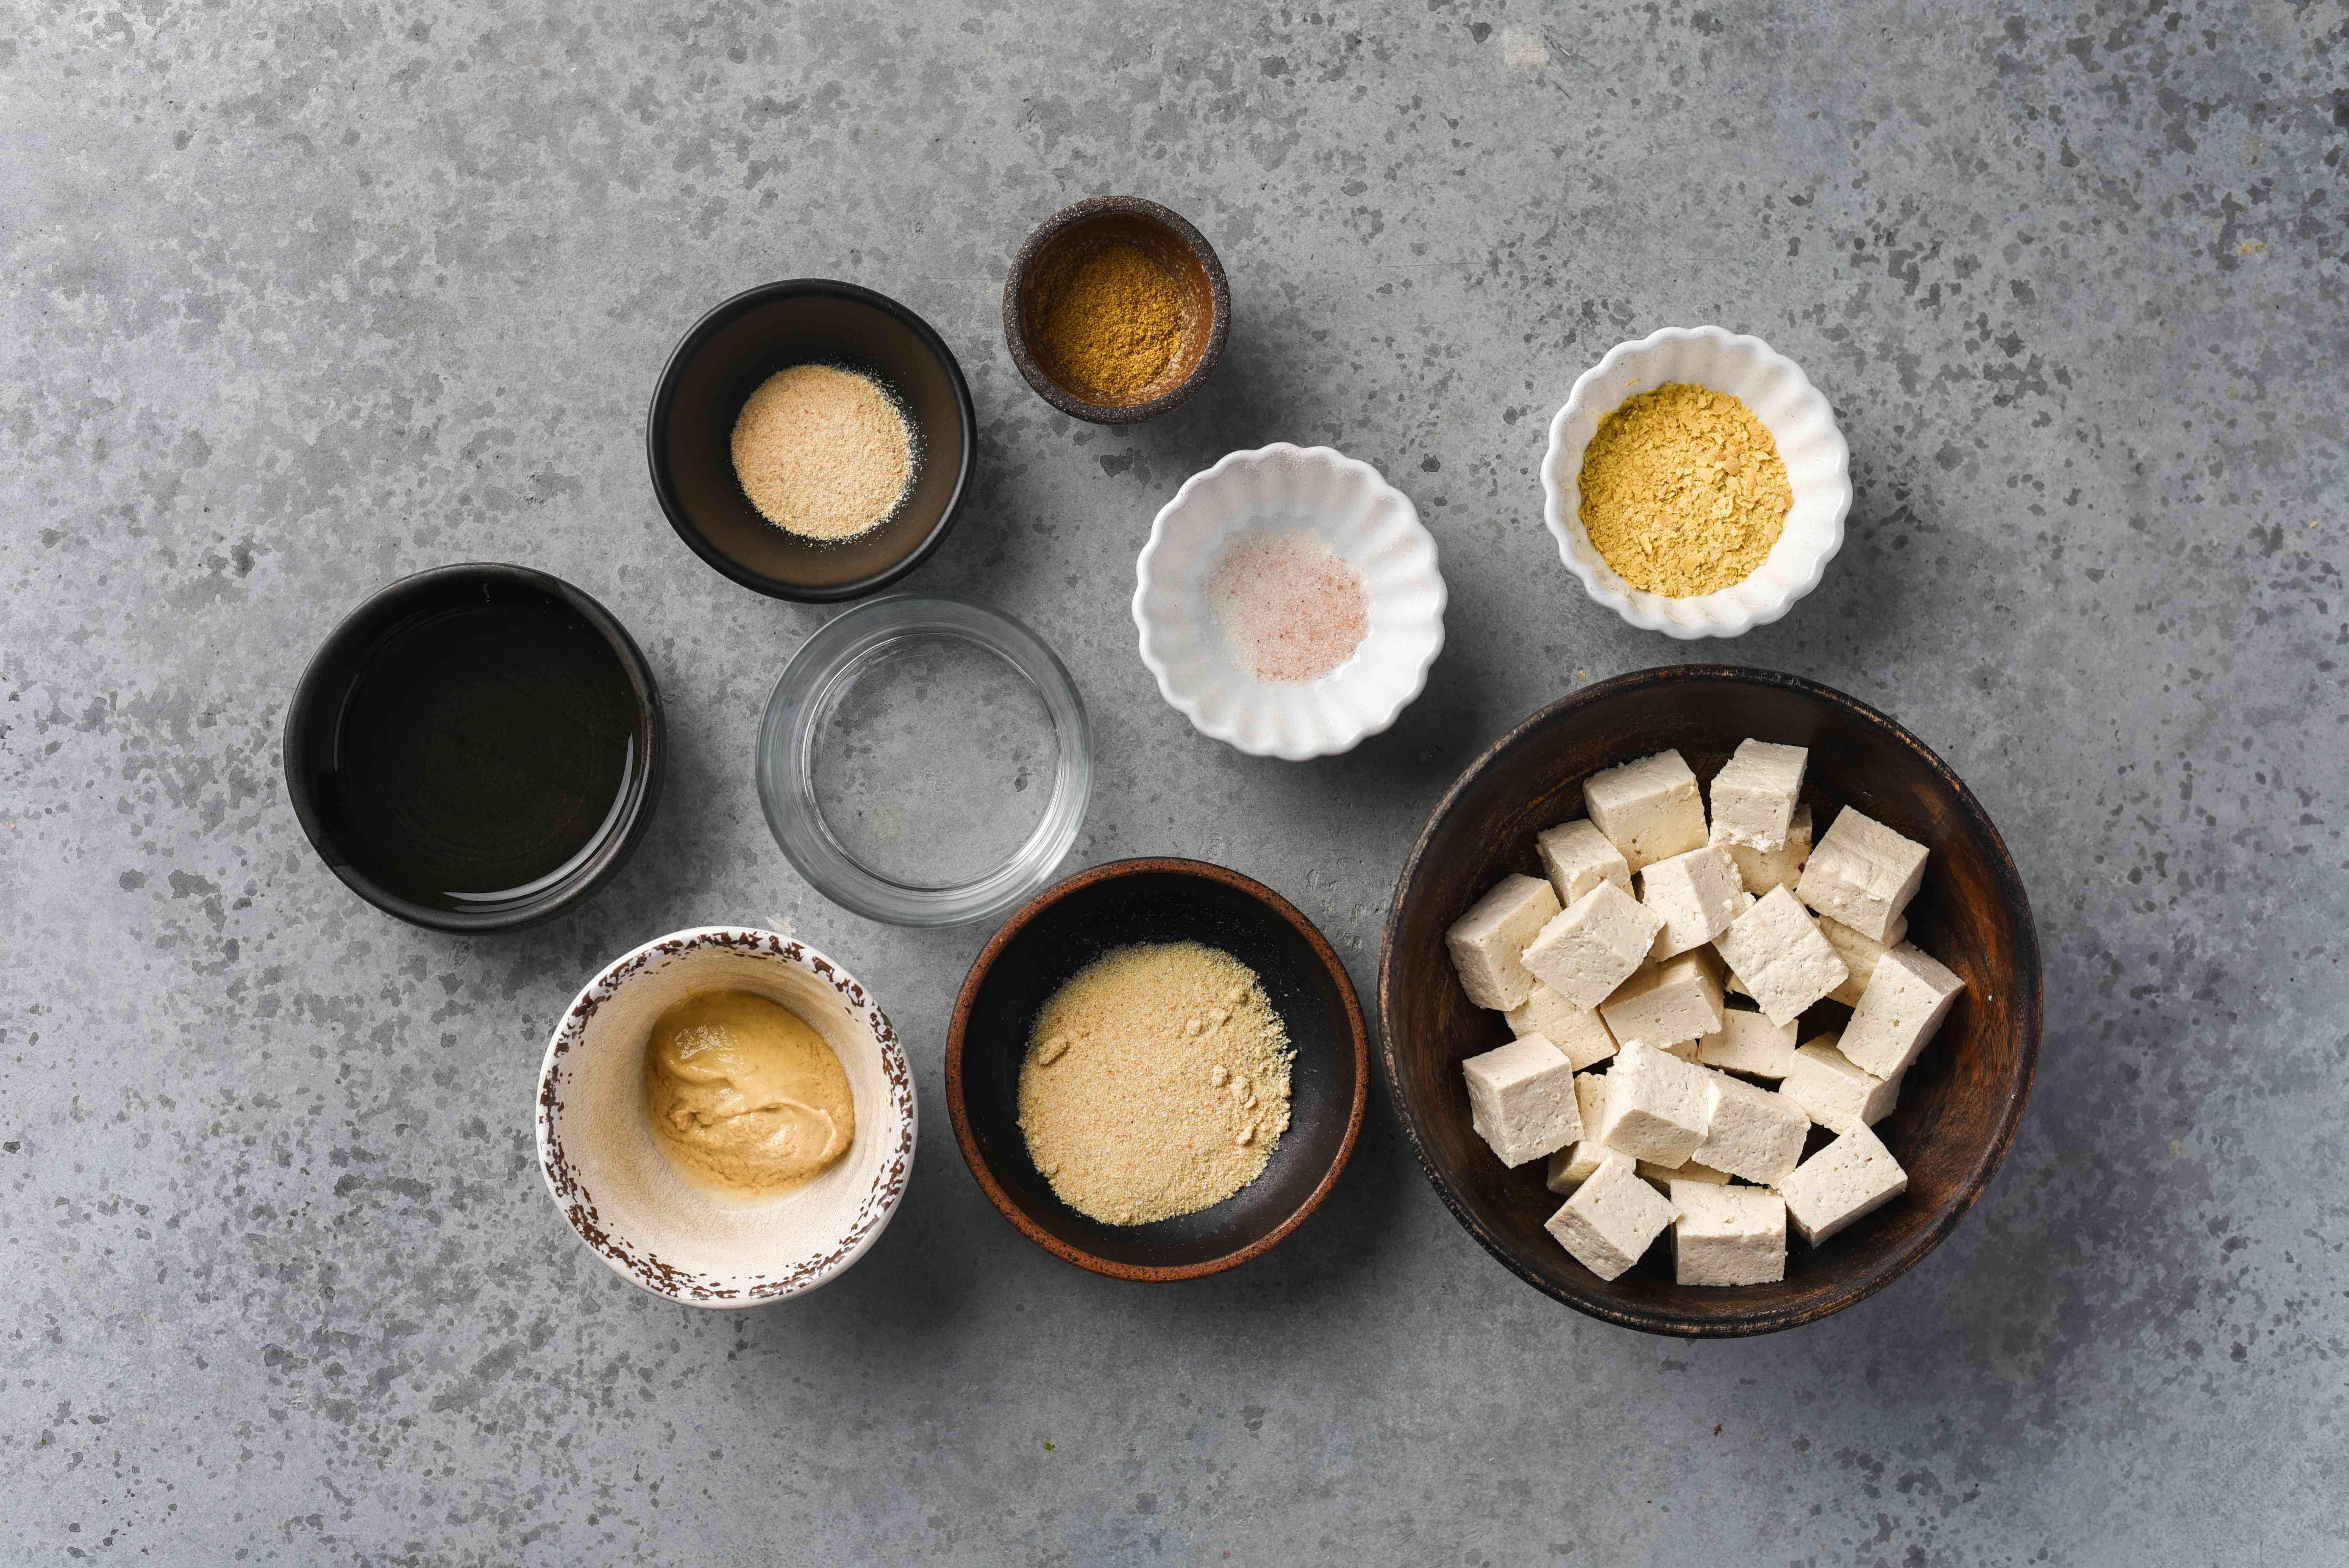 Vegan Paneer Cheese Substitute (Made From Tofu) ingredients